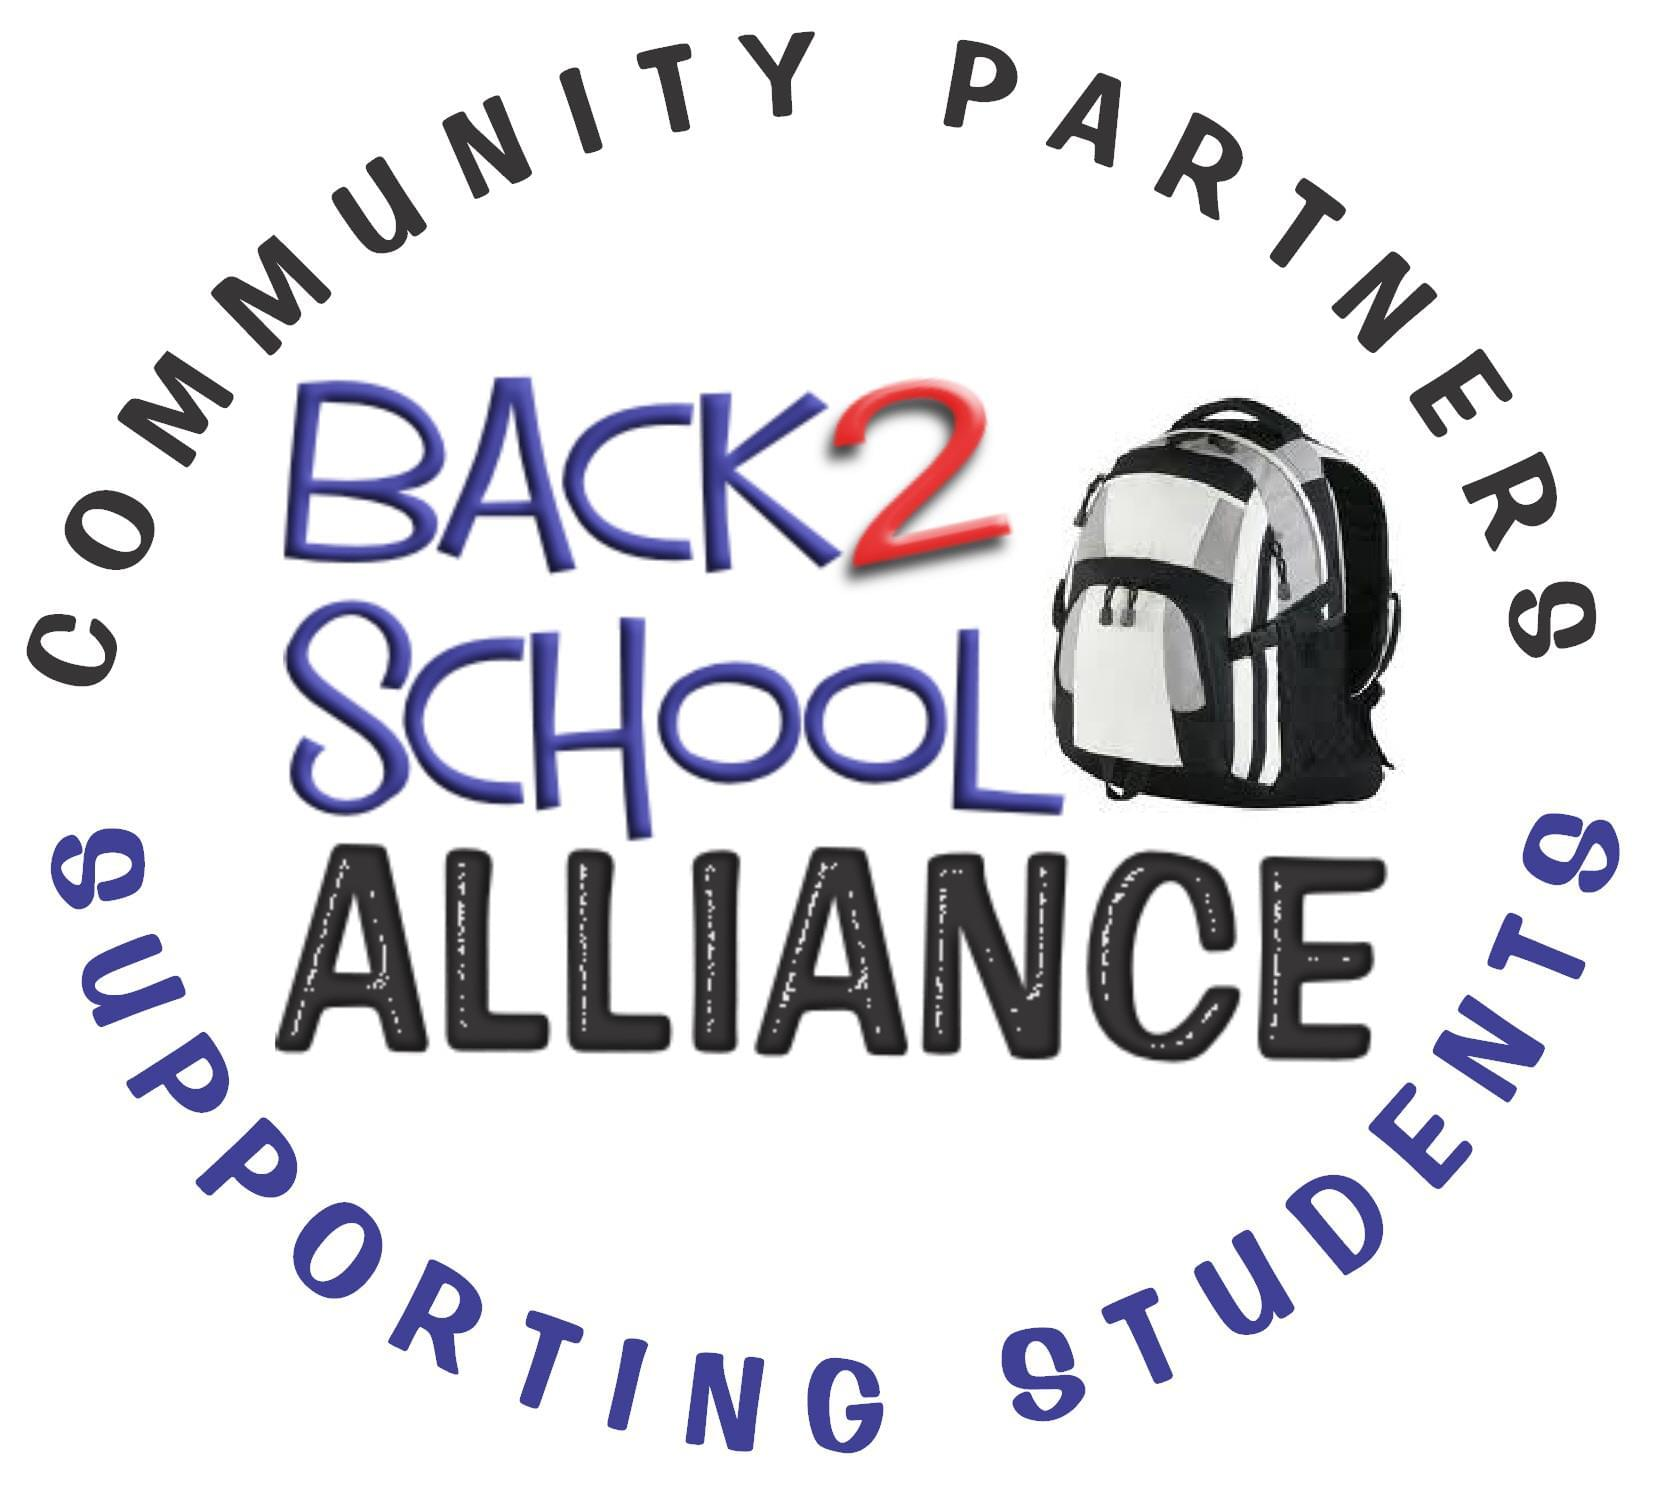 Back 2 School Alliance still distributing supplies despite COVID-19